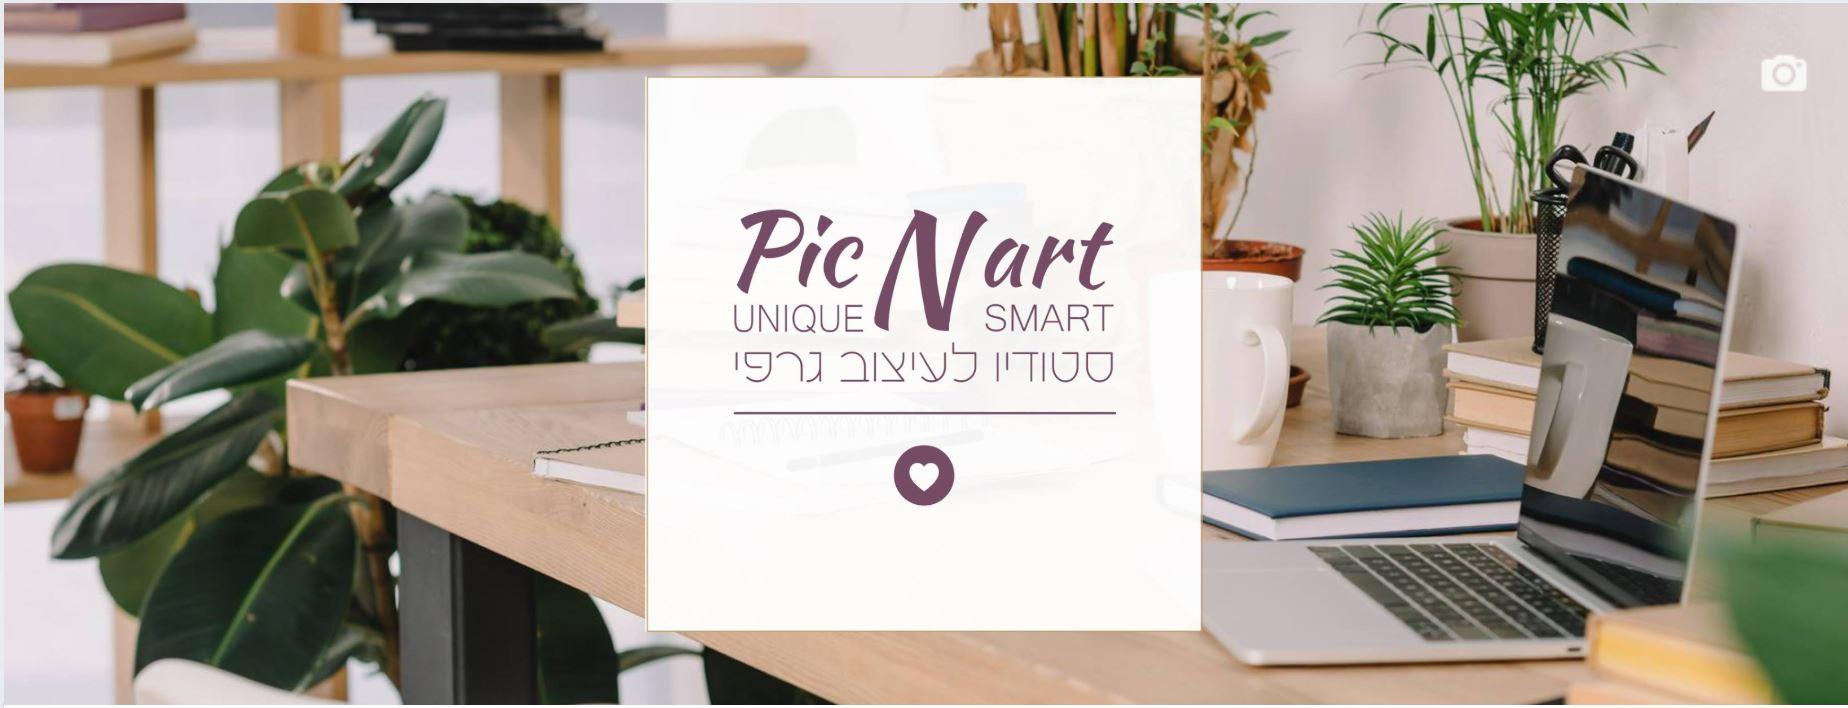 תמונת נושא עם לוגו סטודיו לעיצוב גרפי Pic N art